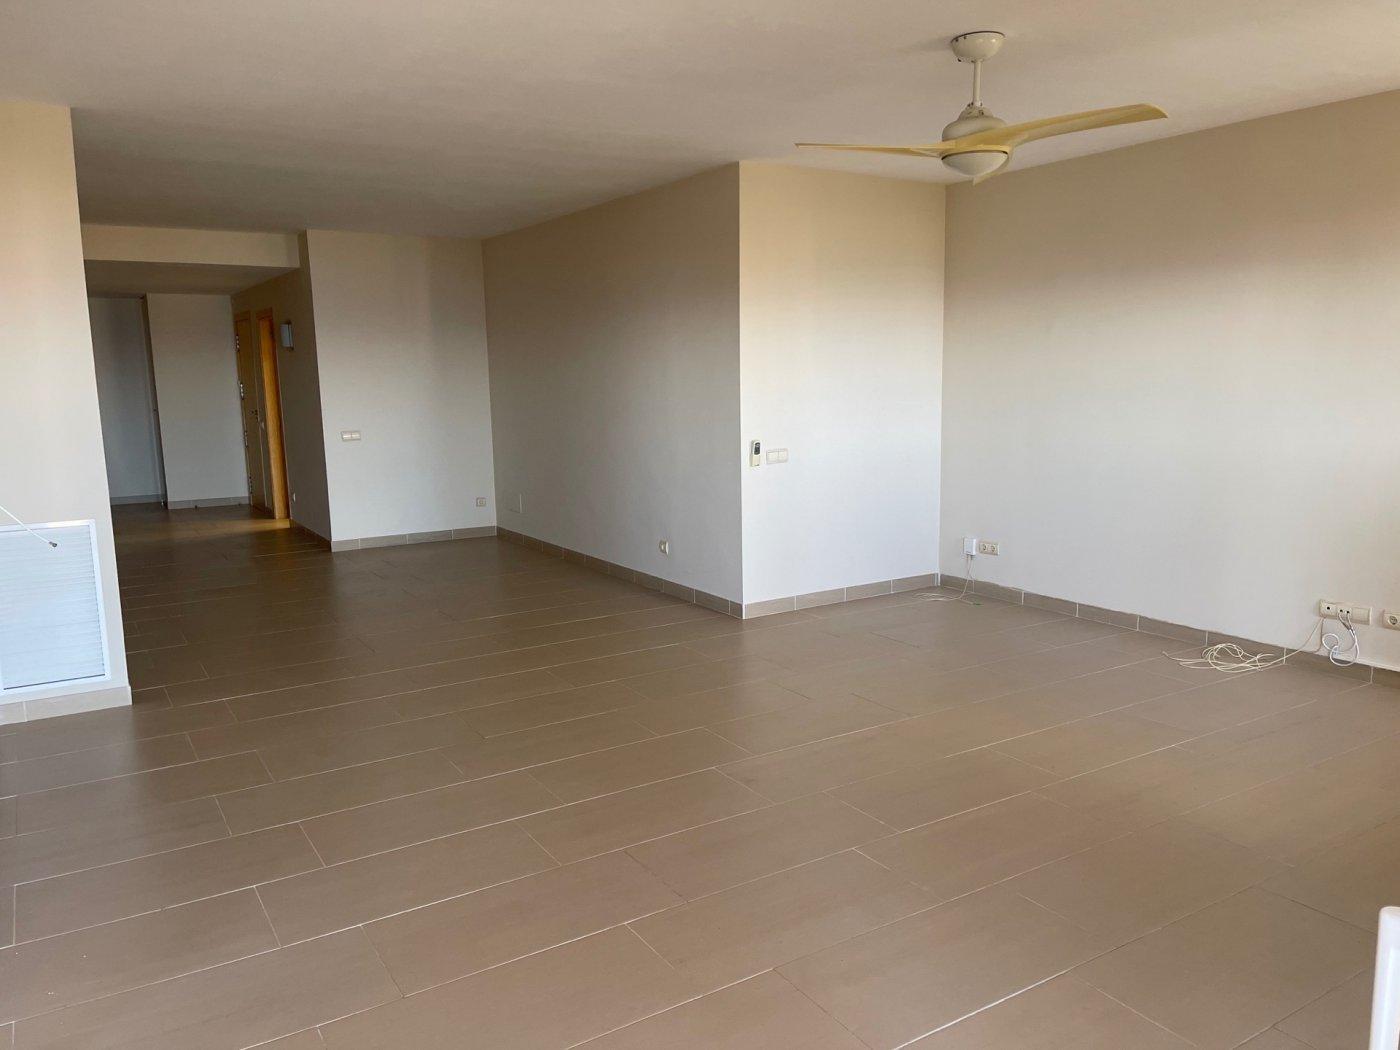 Elagante piso en alquiler en la zona de cas catalÁ, calviÁ - imagenInmueble4